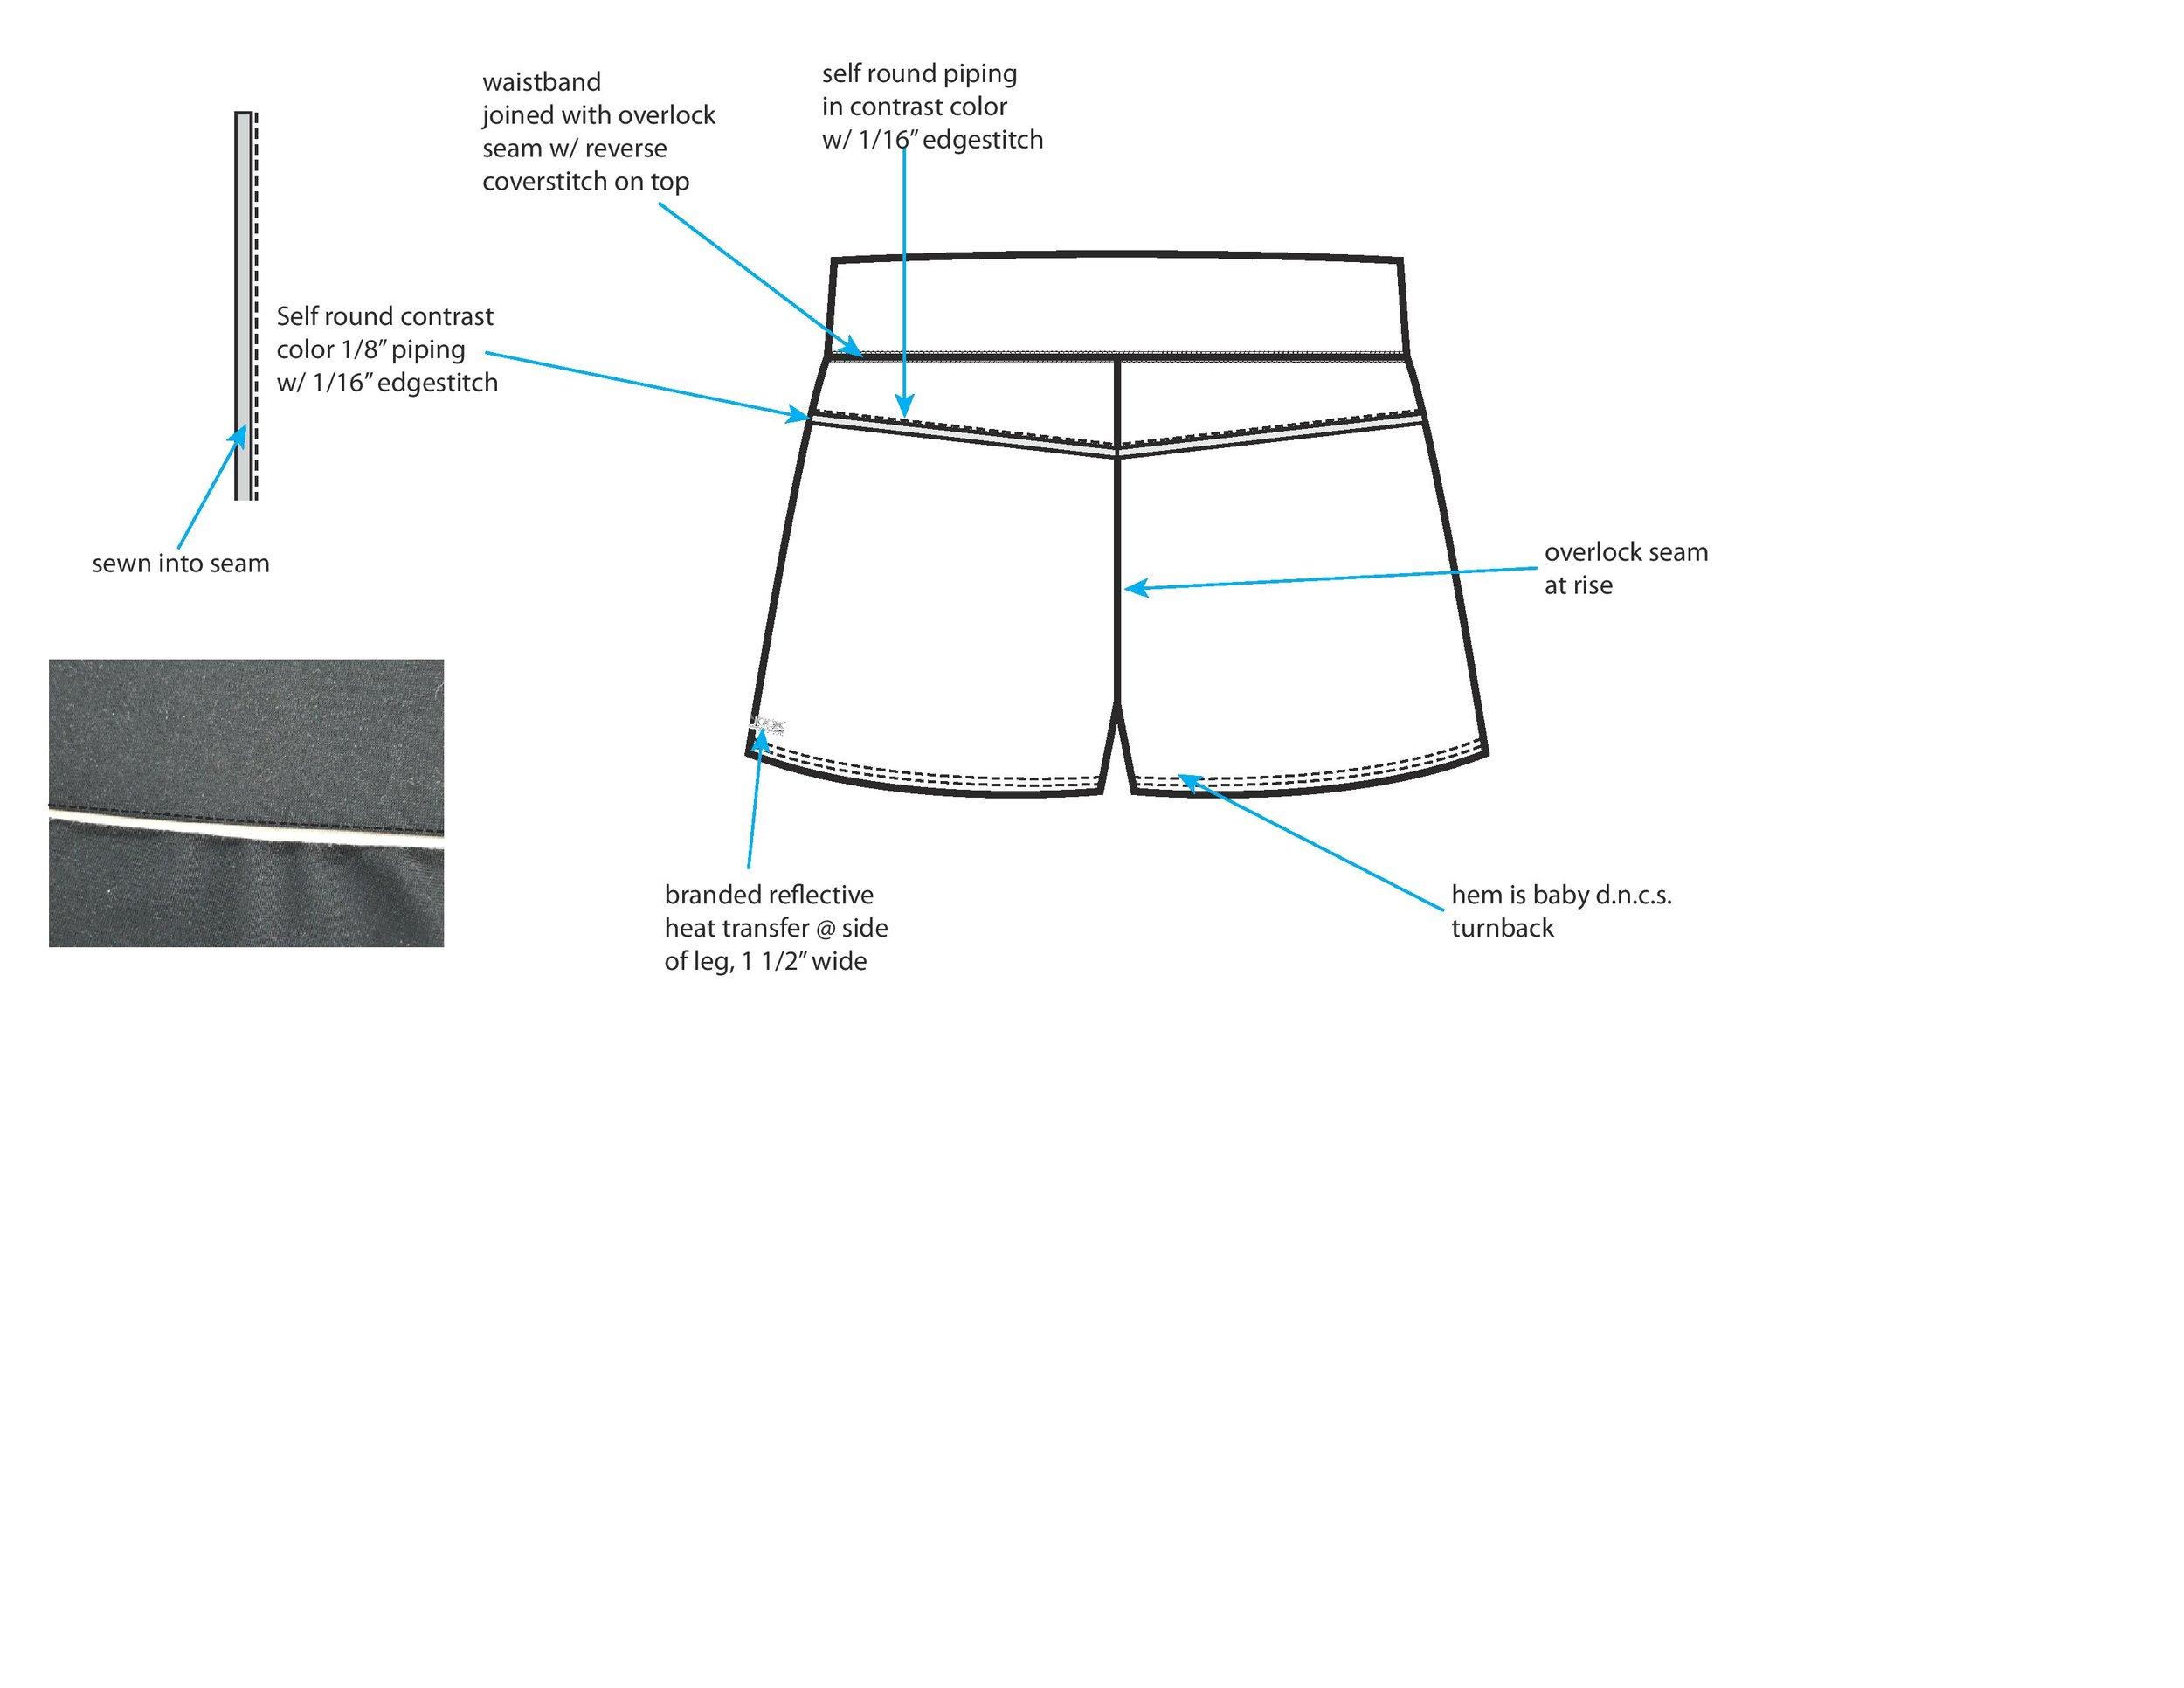 SHORTS-page-002.jpg